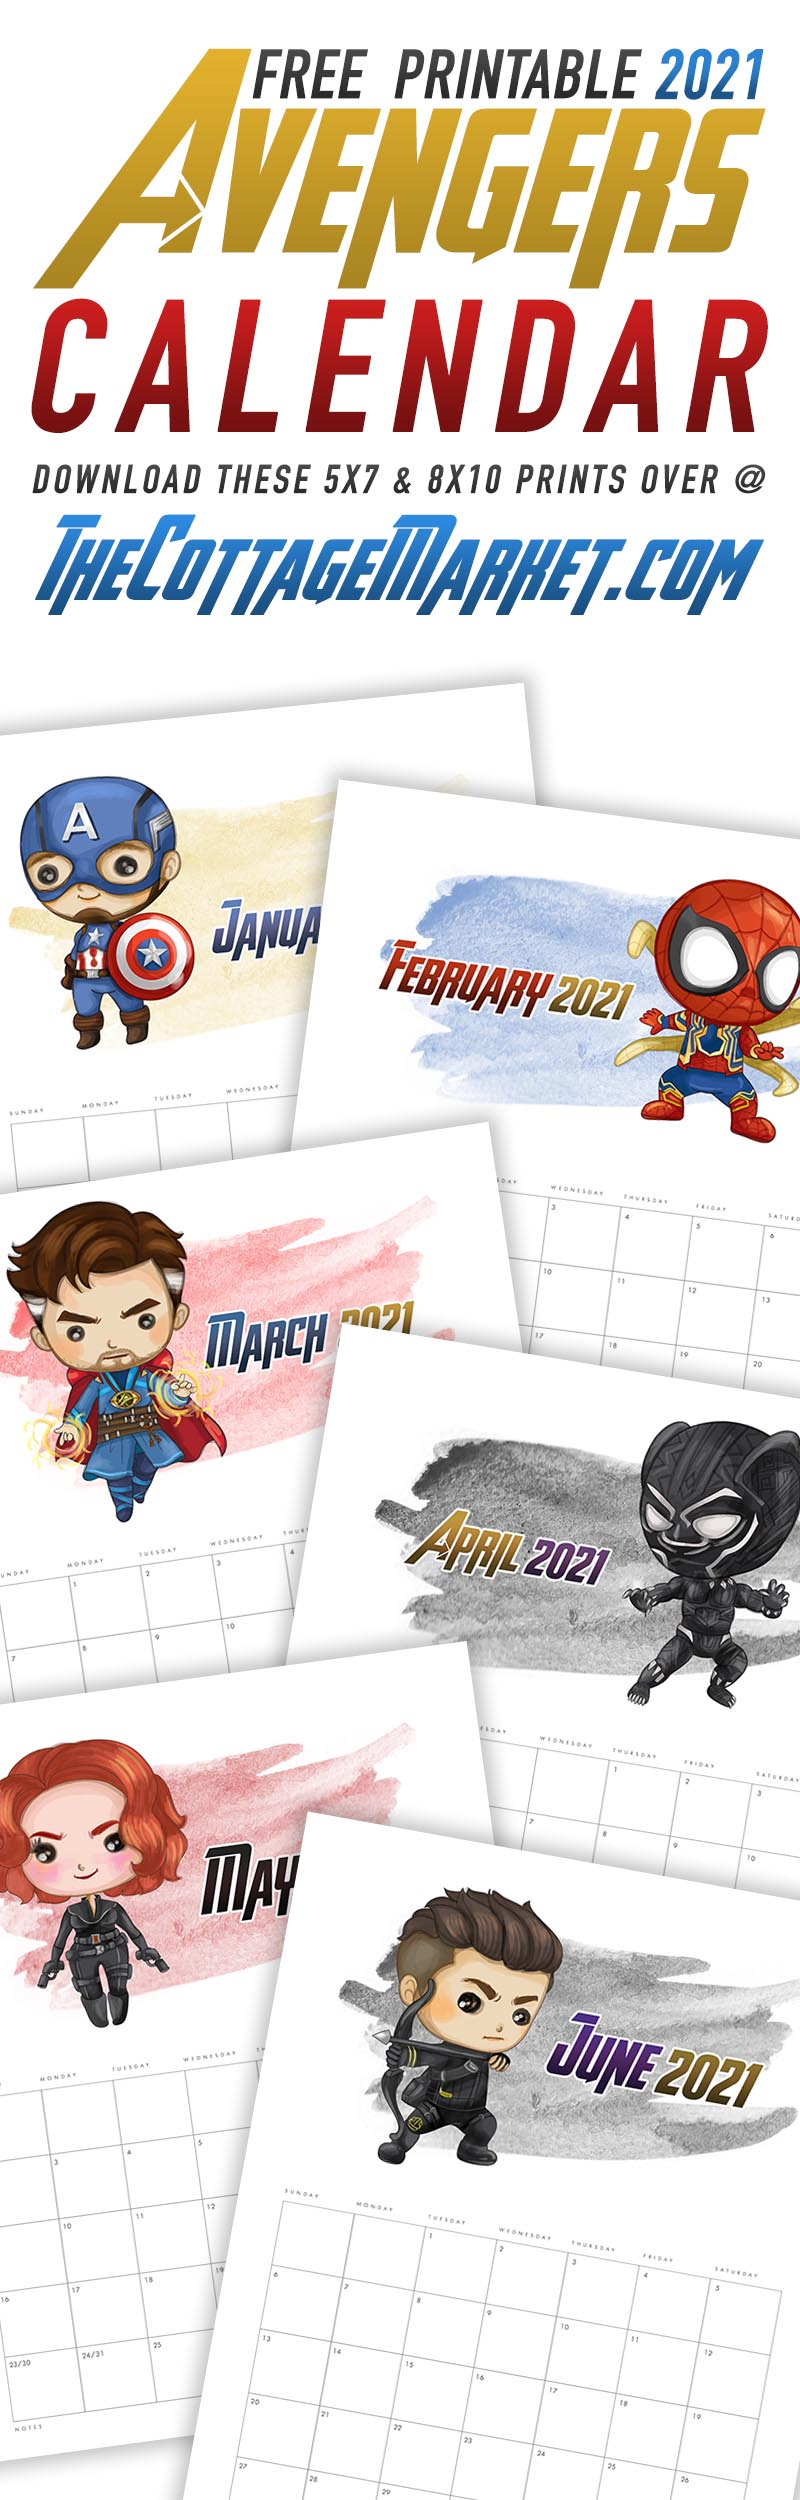 https://thecottagemarket.com/wp-content/uploads/2020/10/TCM-Avengers-2021-t-1.jpg